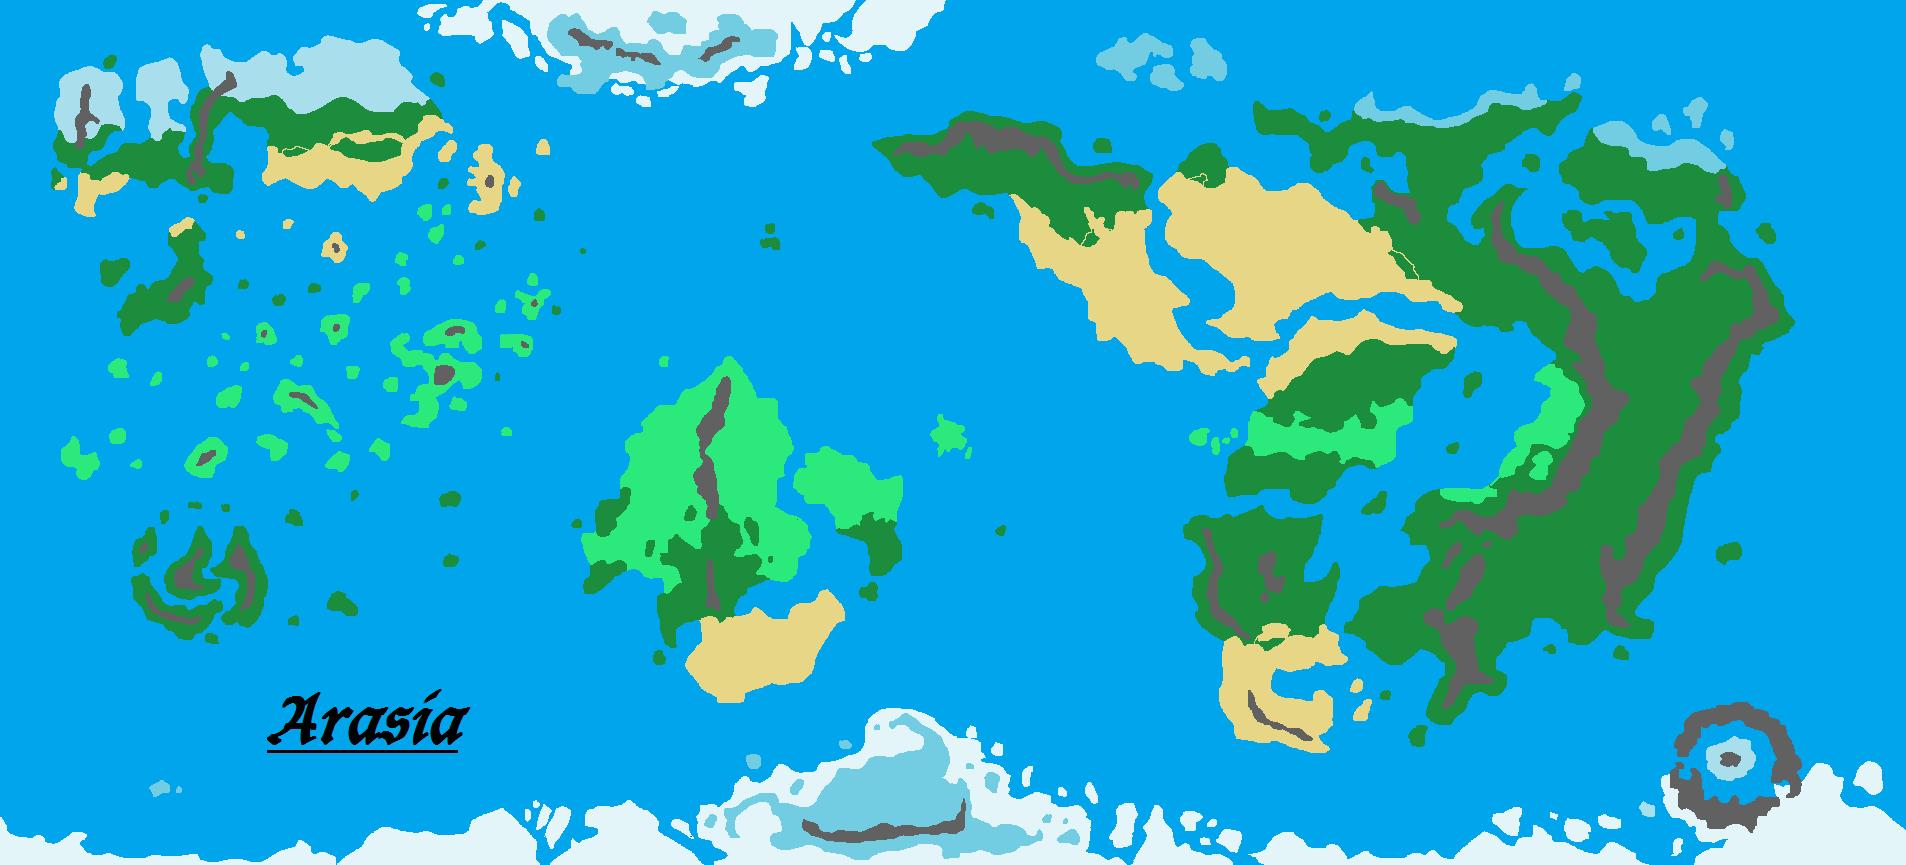 Dd 4e World Map.Fantasy World Map